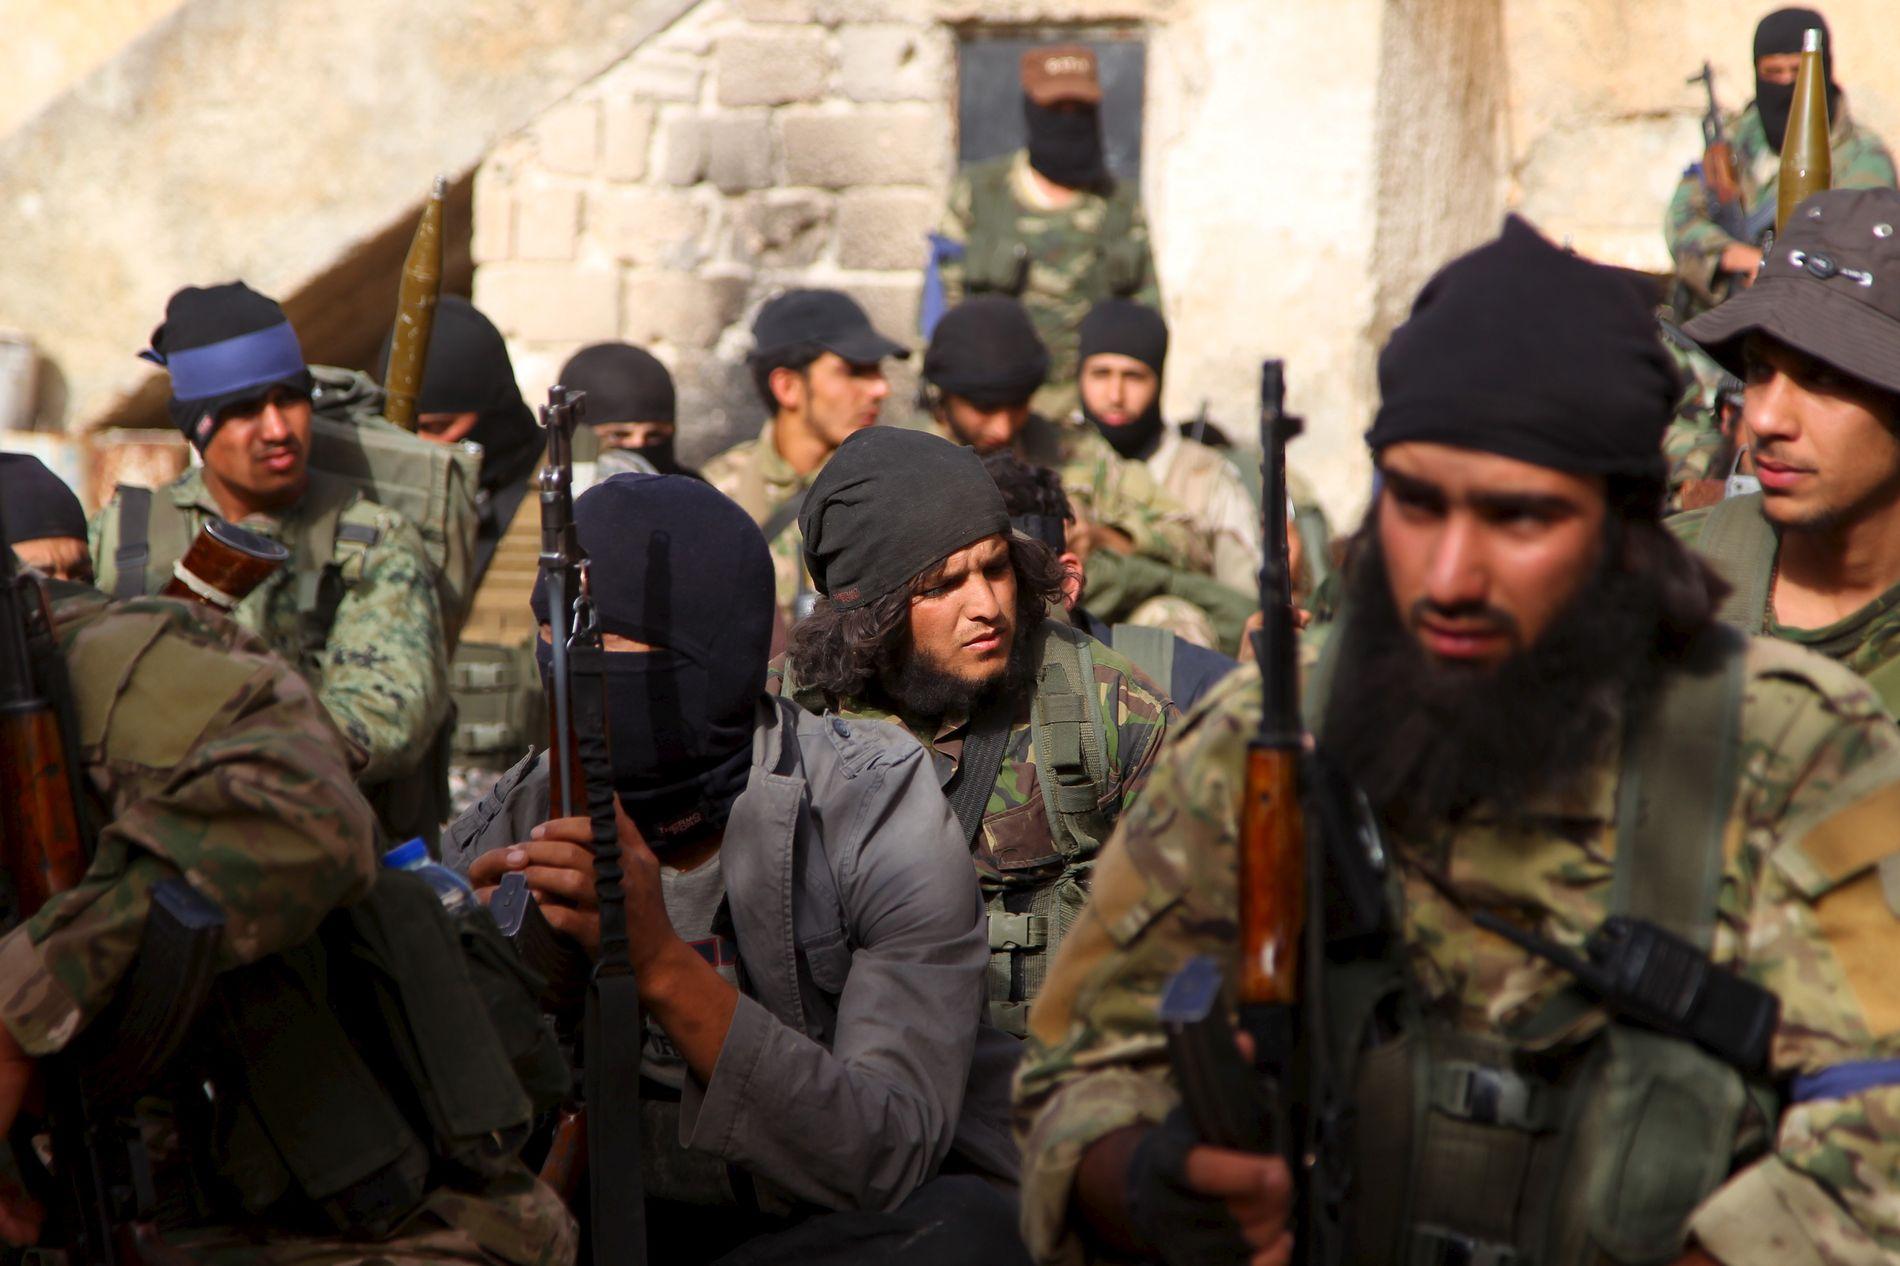 FRYKTEDE KRIGERE: I mai 2015 tok krigere fra al-Qaidas Nusra-front byen Ariha i Idlib. Nå har militsen tatt navnet Tahrir al-Sham, og hevder å ha brutt med al-Qaida.